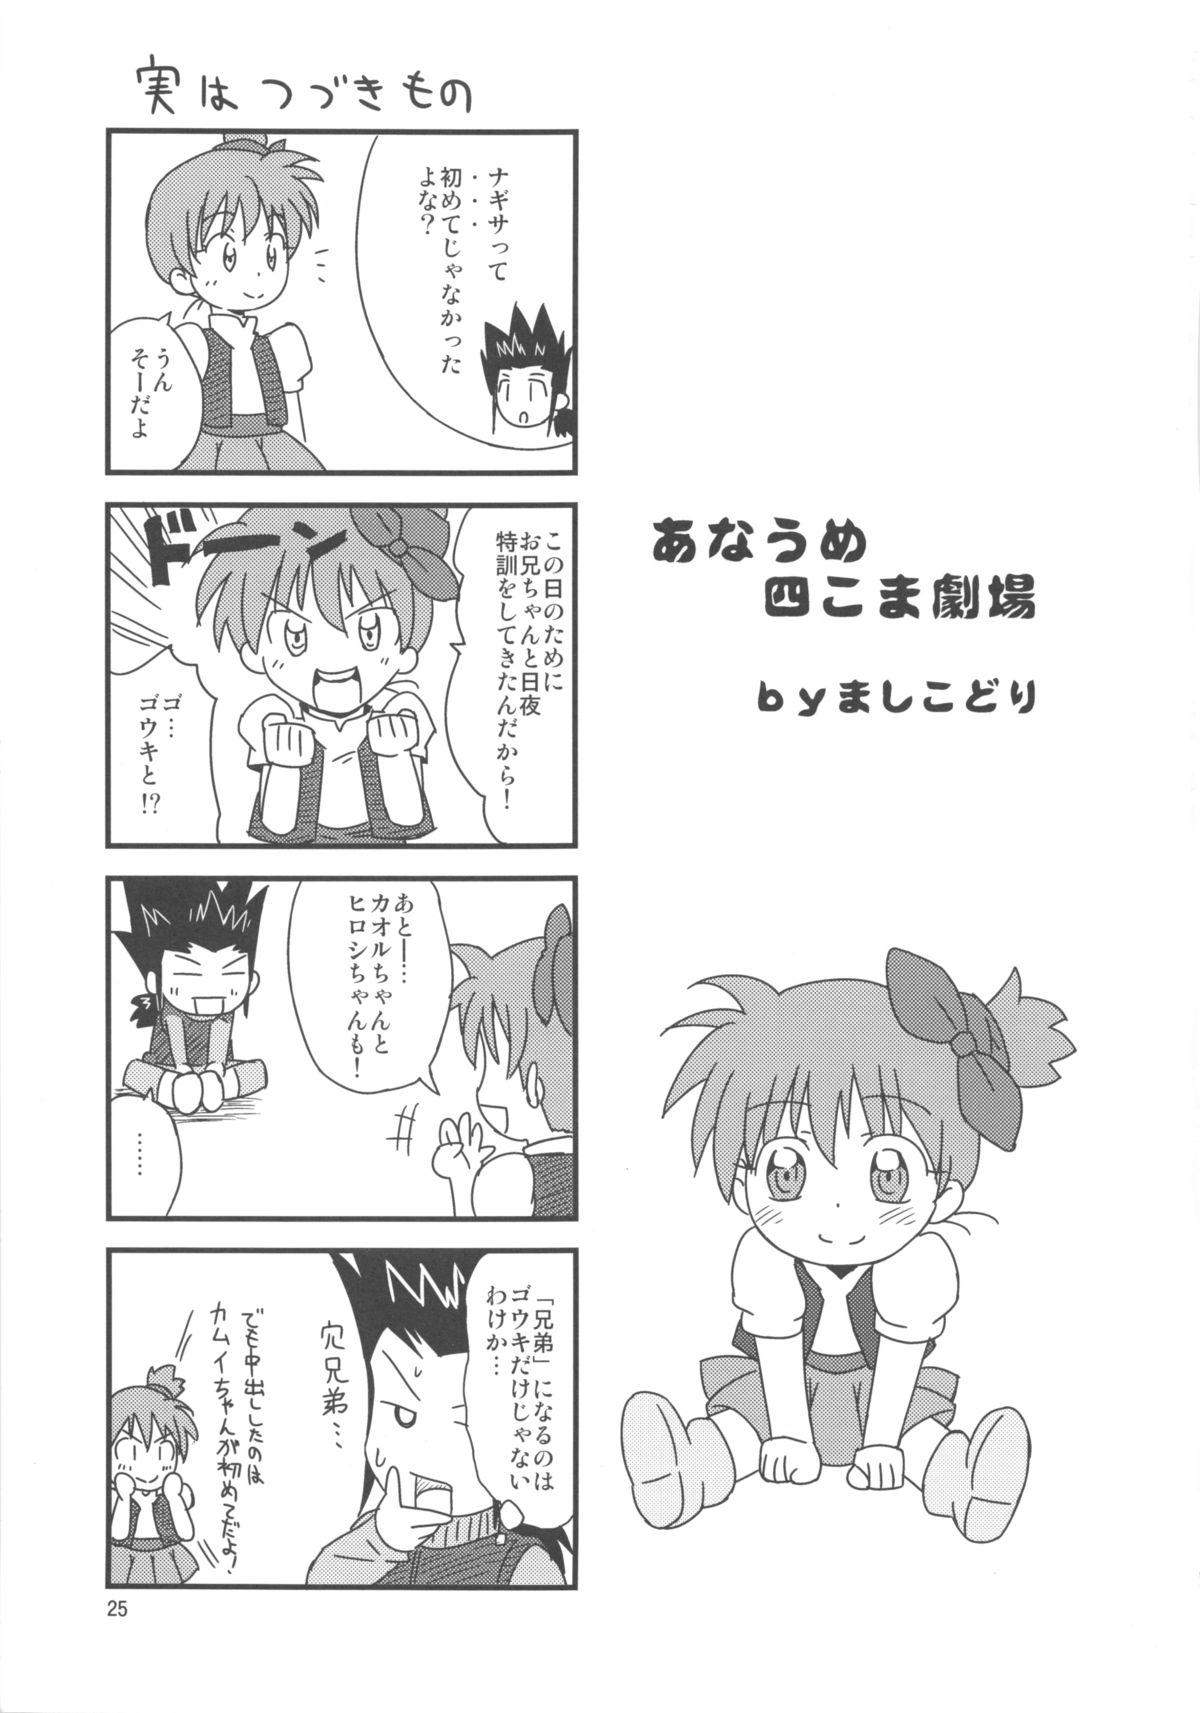 (Puniket 27) [Tori no Ya (Mashikodori)] Kamui-kun to Nagisa-chan to. (Cardfight!! Vanguard) 24